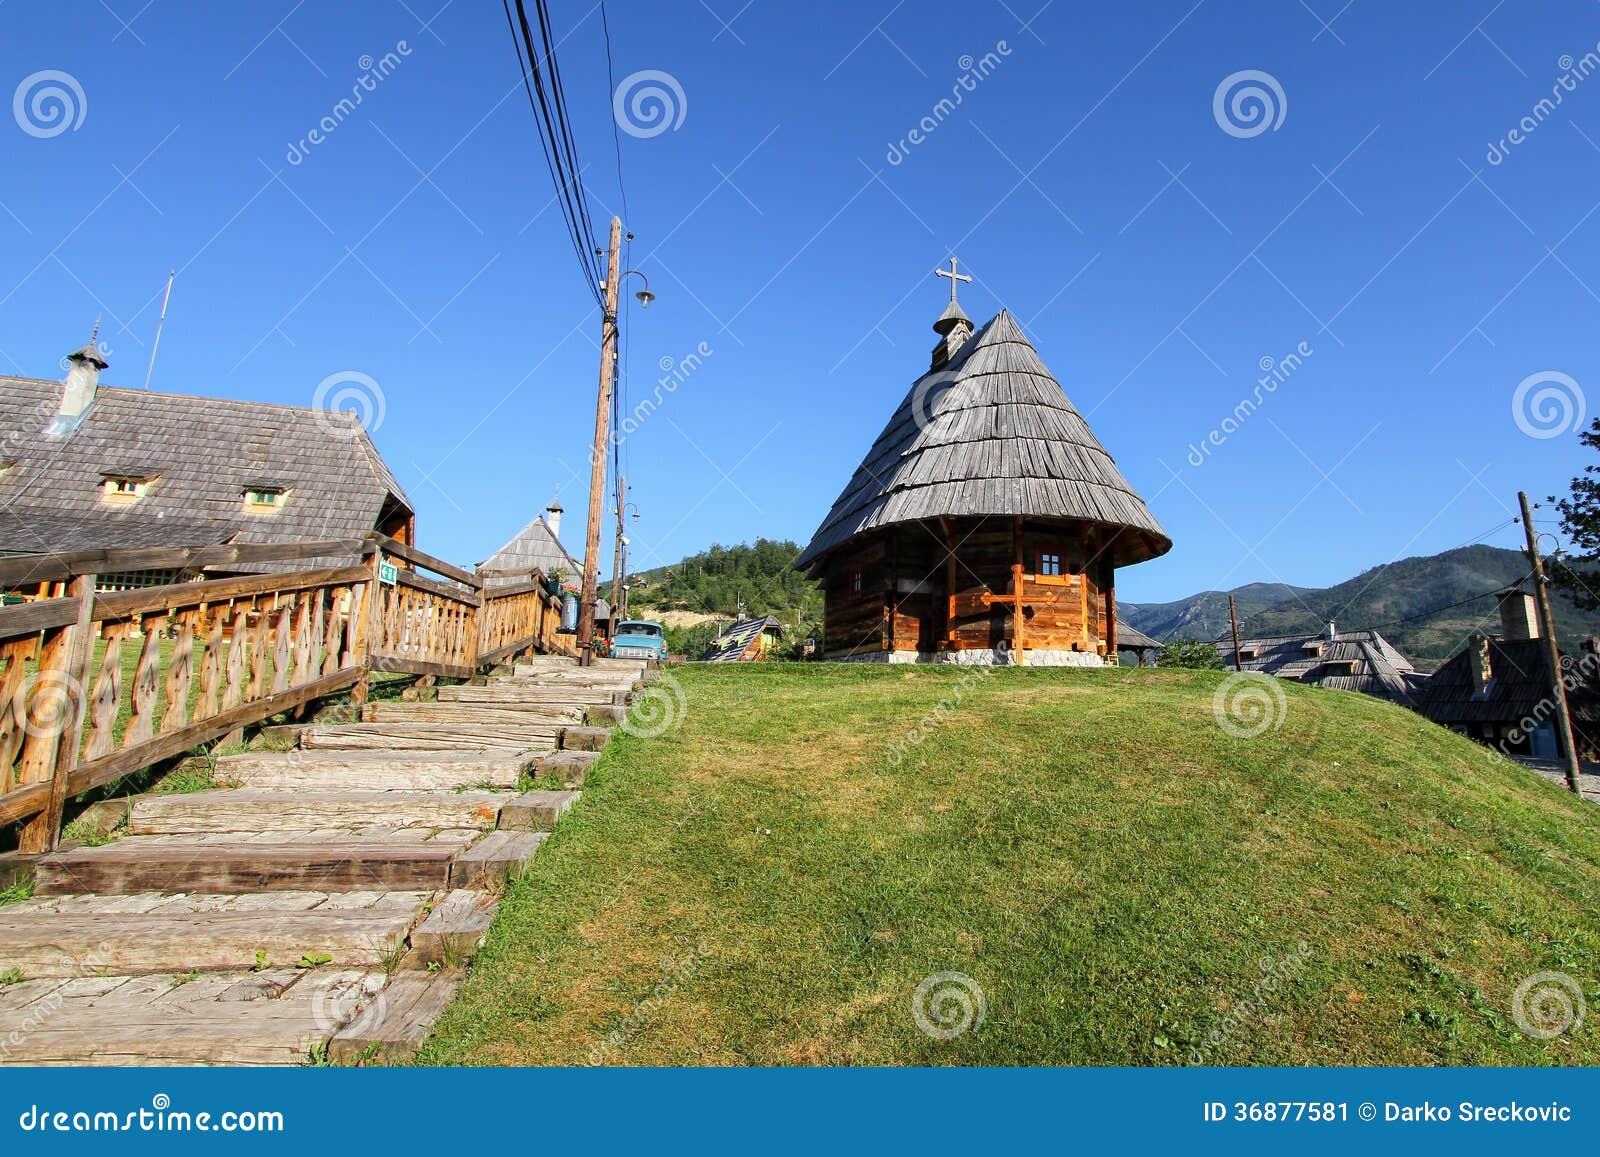 Download Piccola chiesa di legno immagine stock. Immagine di santo - 36877581